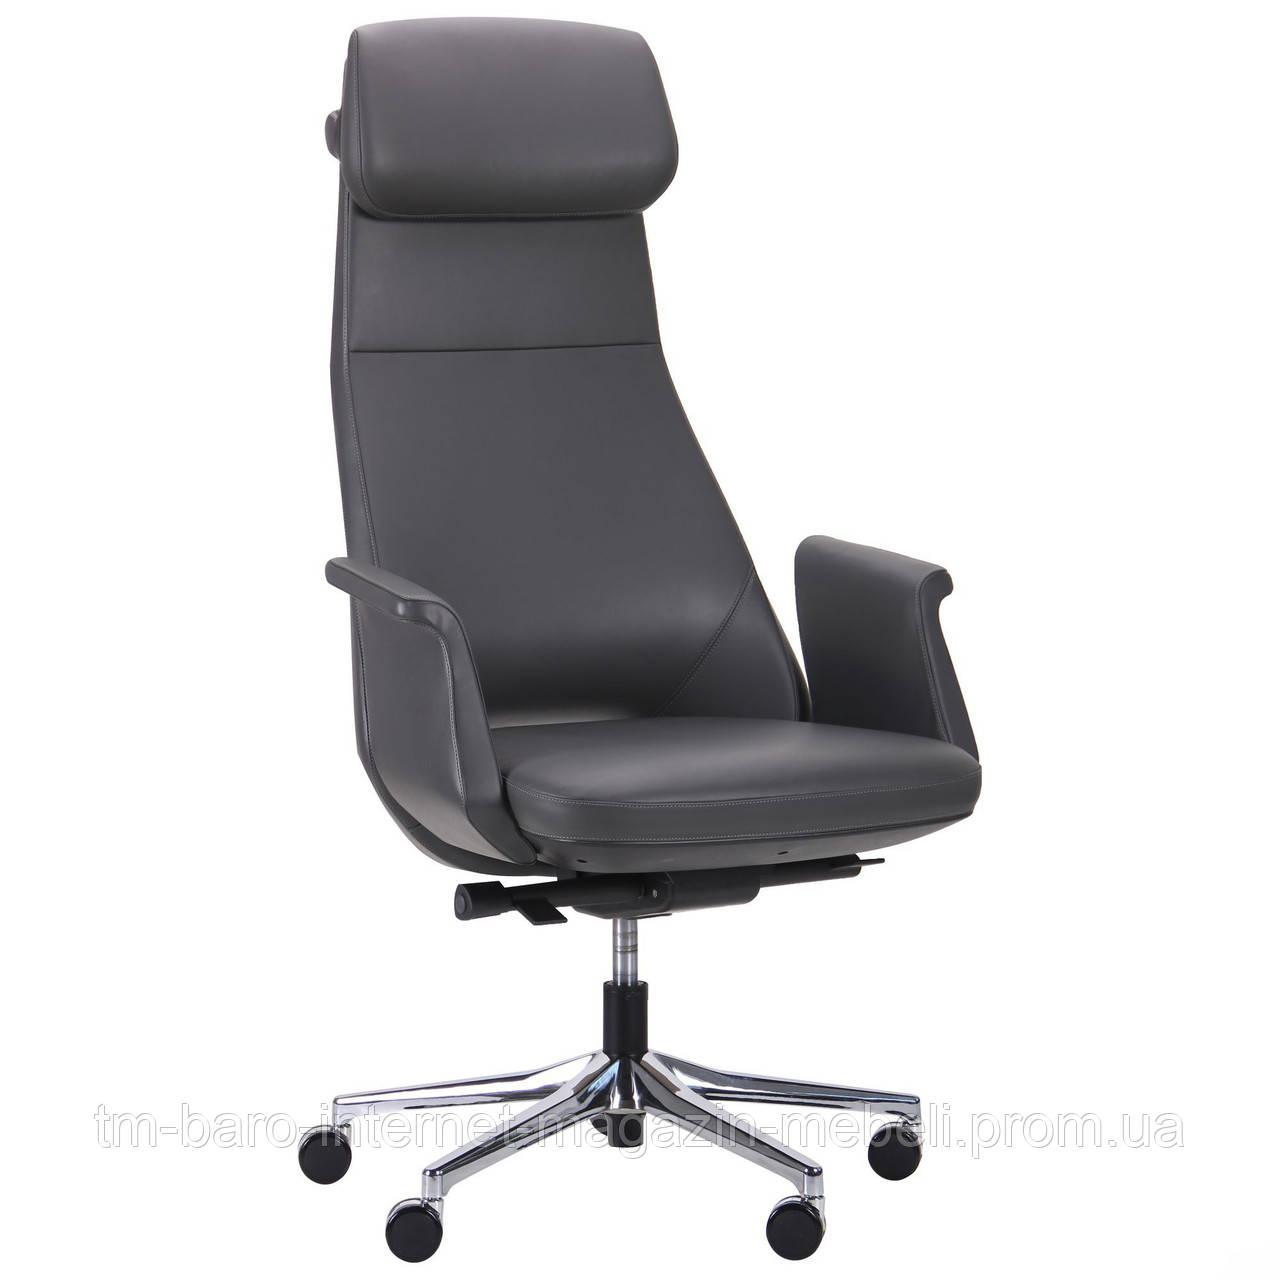 Кресло Absolute HB Grey (Абсолют), серый